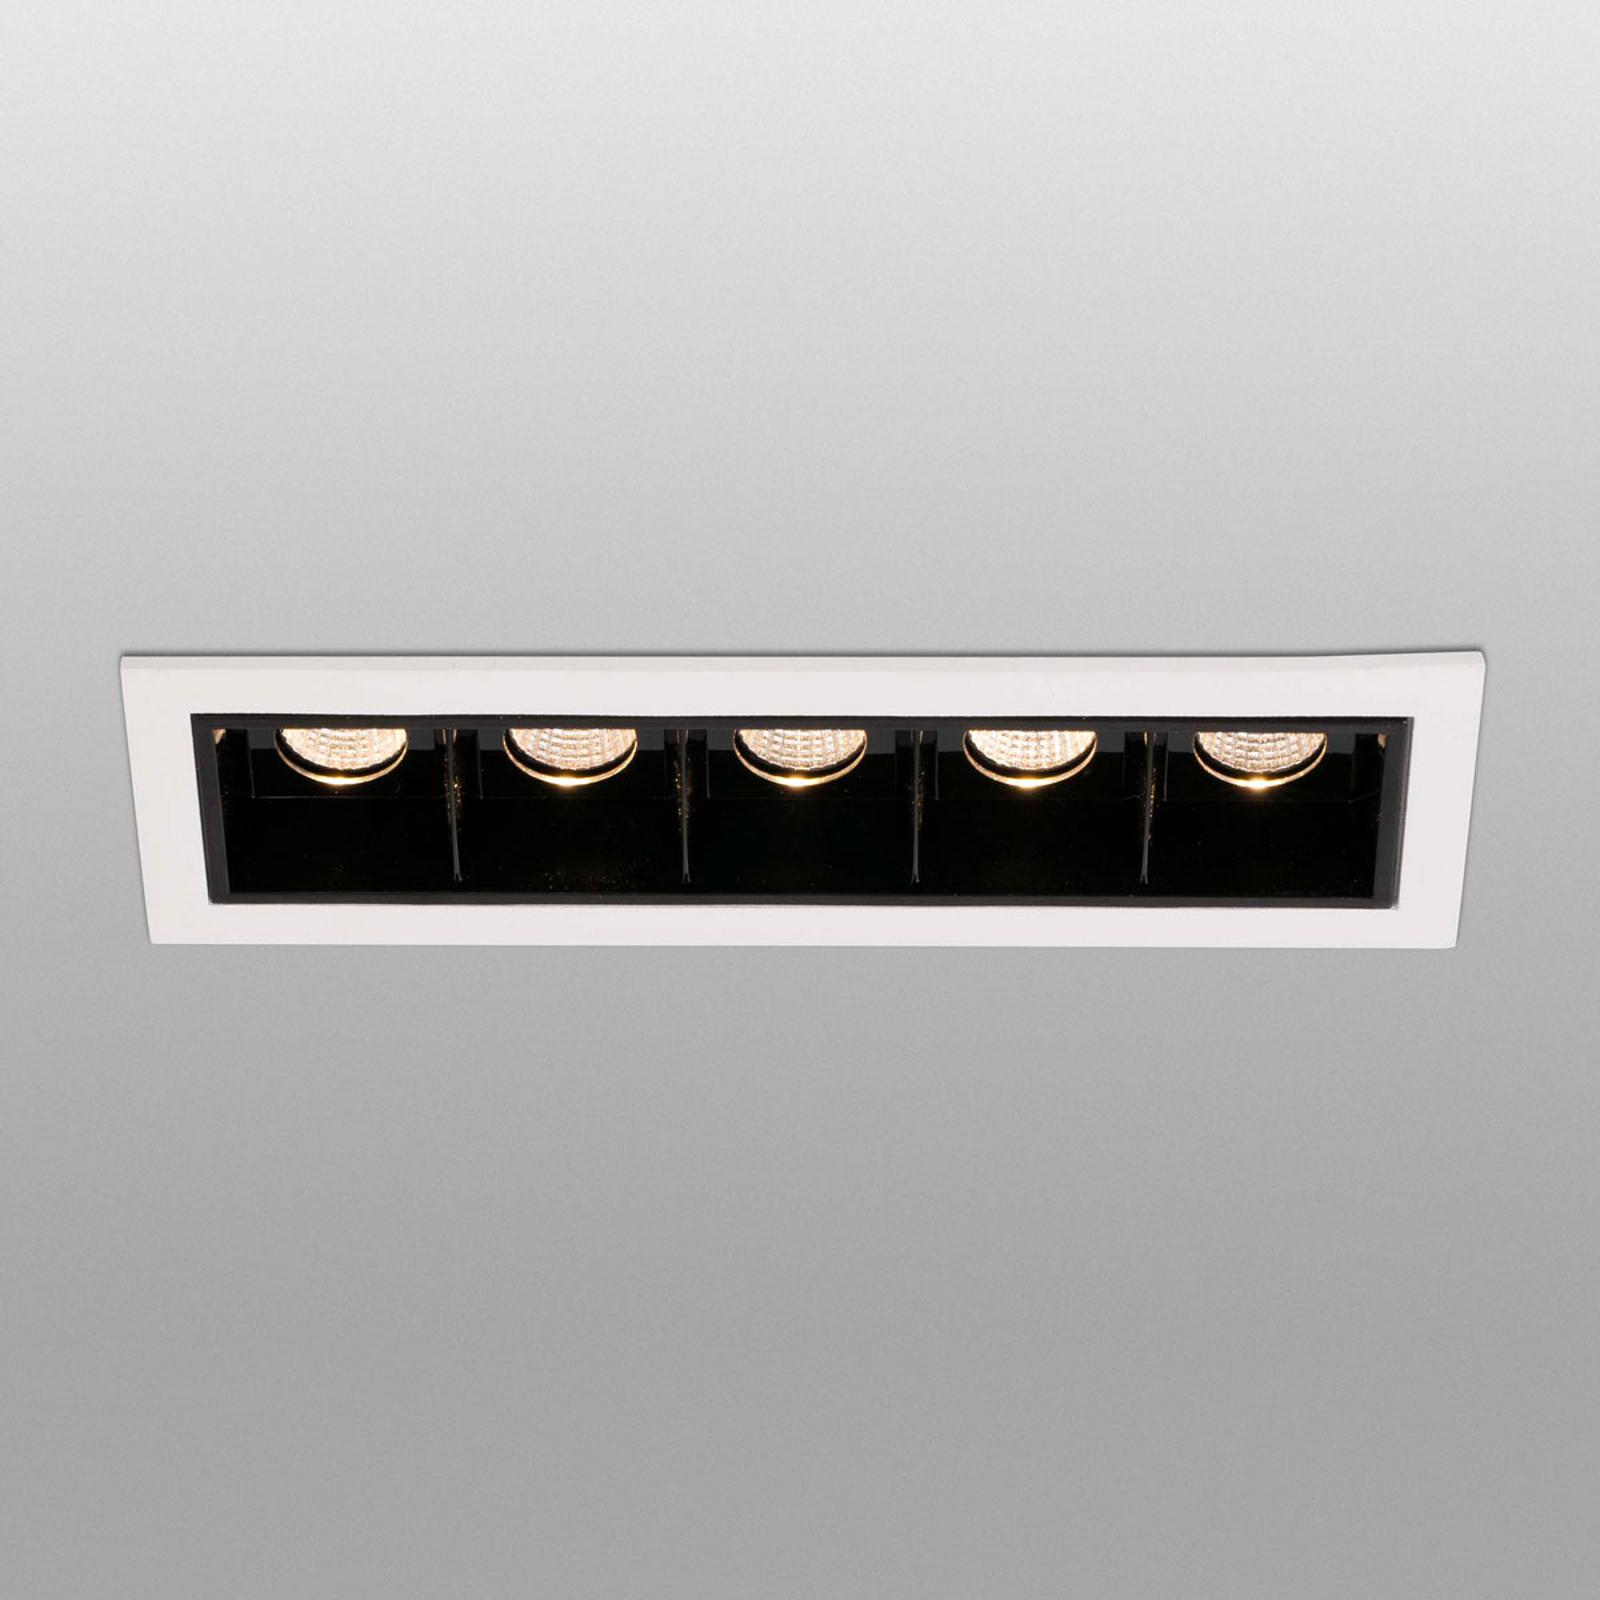 Spot LED incasso Troop con telaio, 5 luci